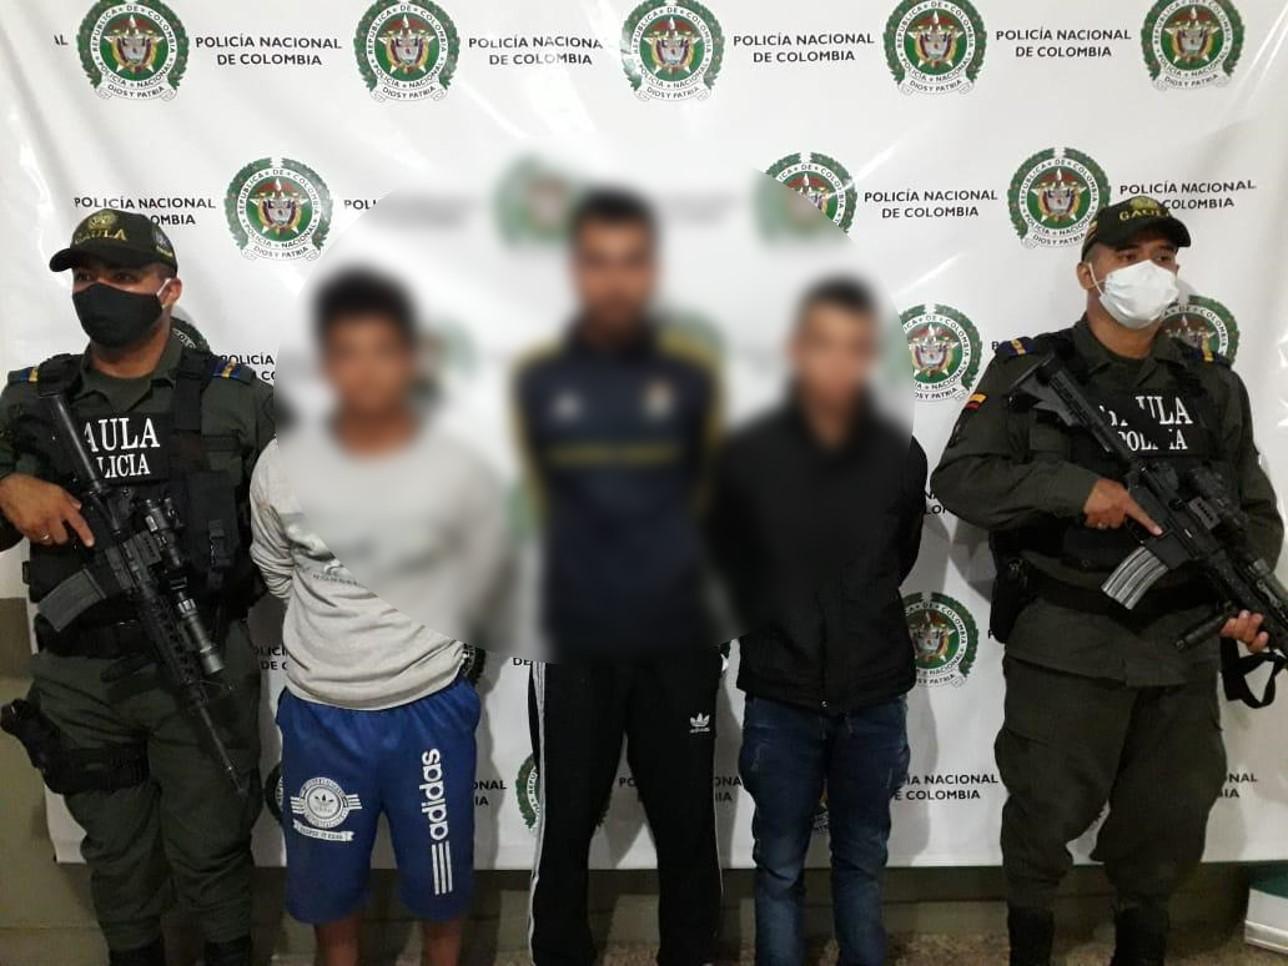 aplausos atravesar Aflojar  Capturamos a tres personas por el delito de extorsión | Policía Nacional de  Colombia